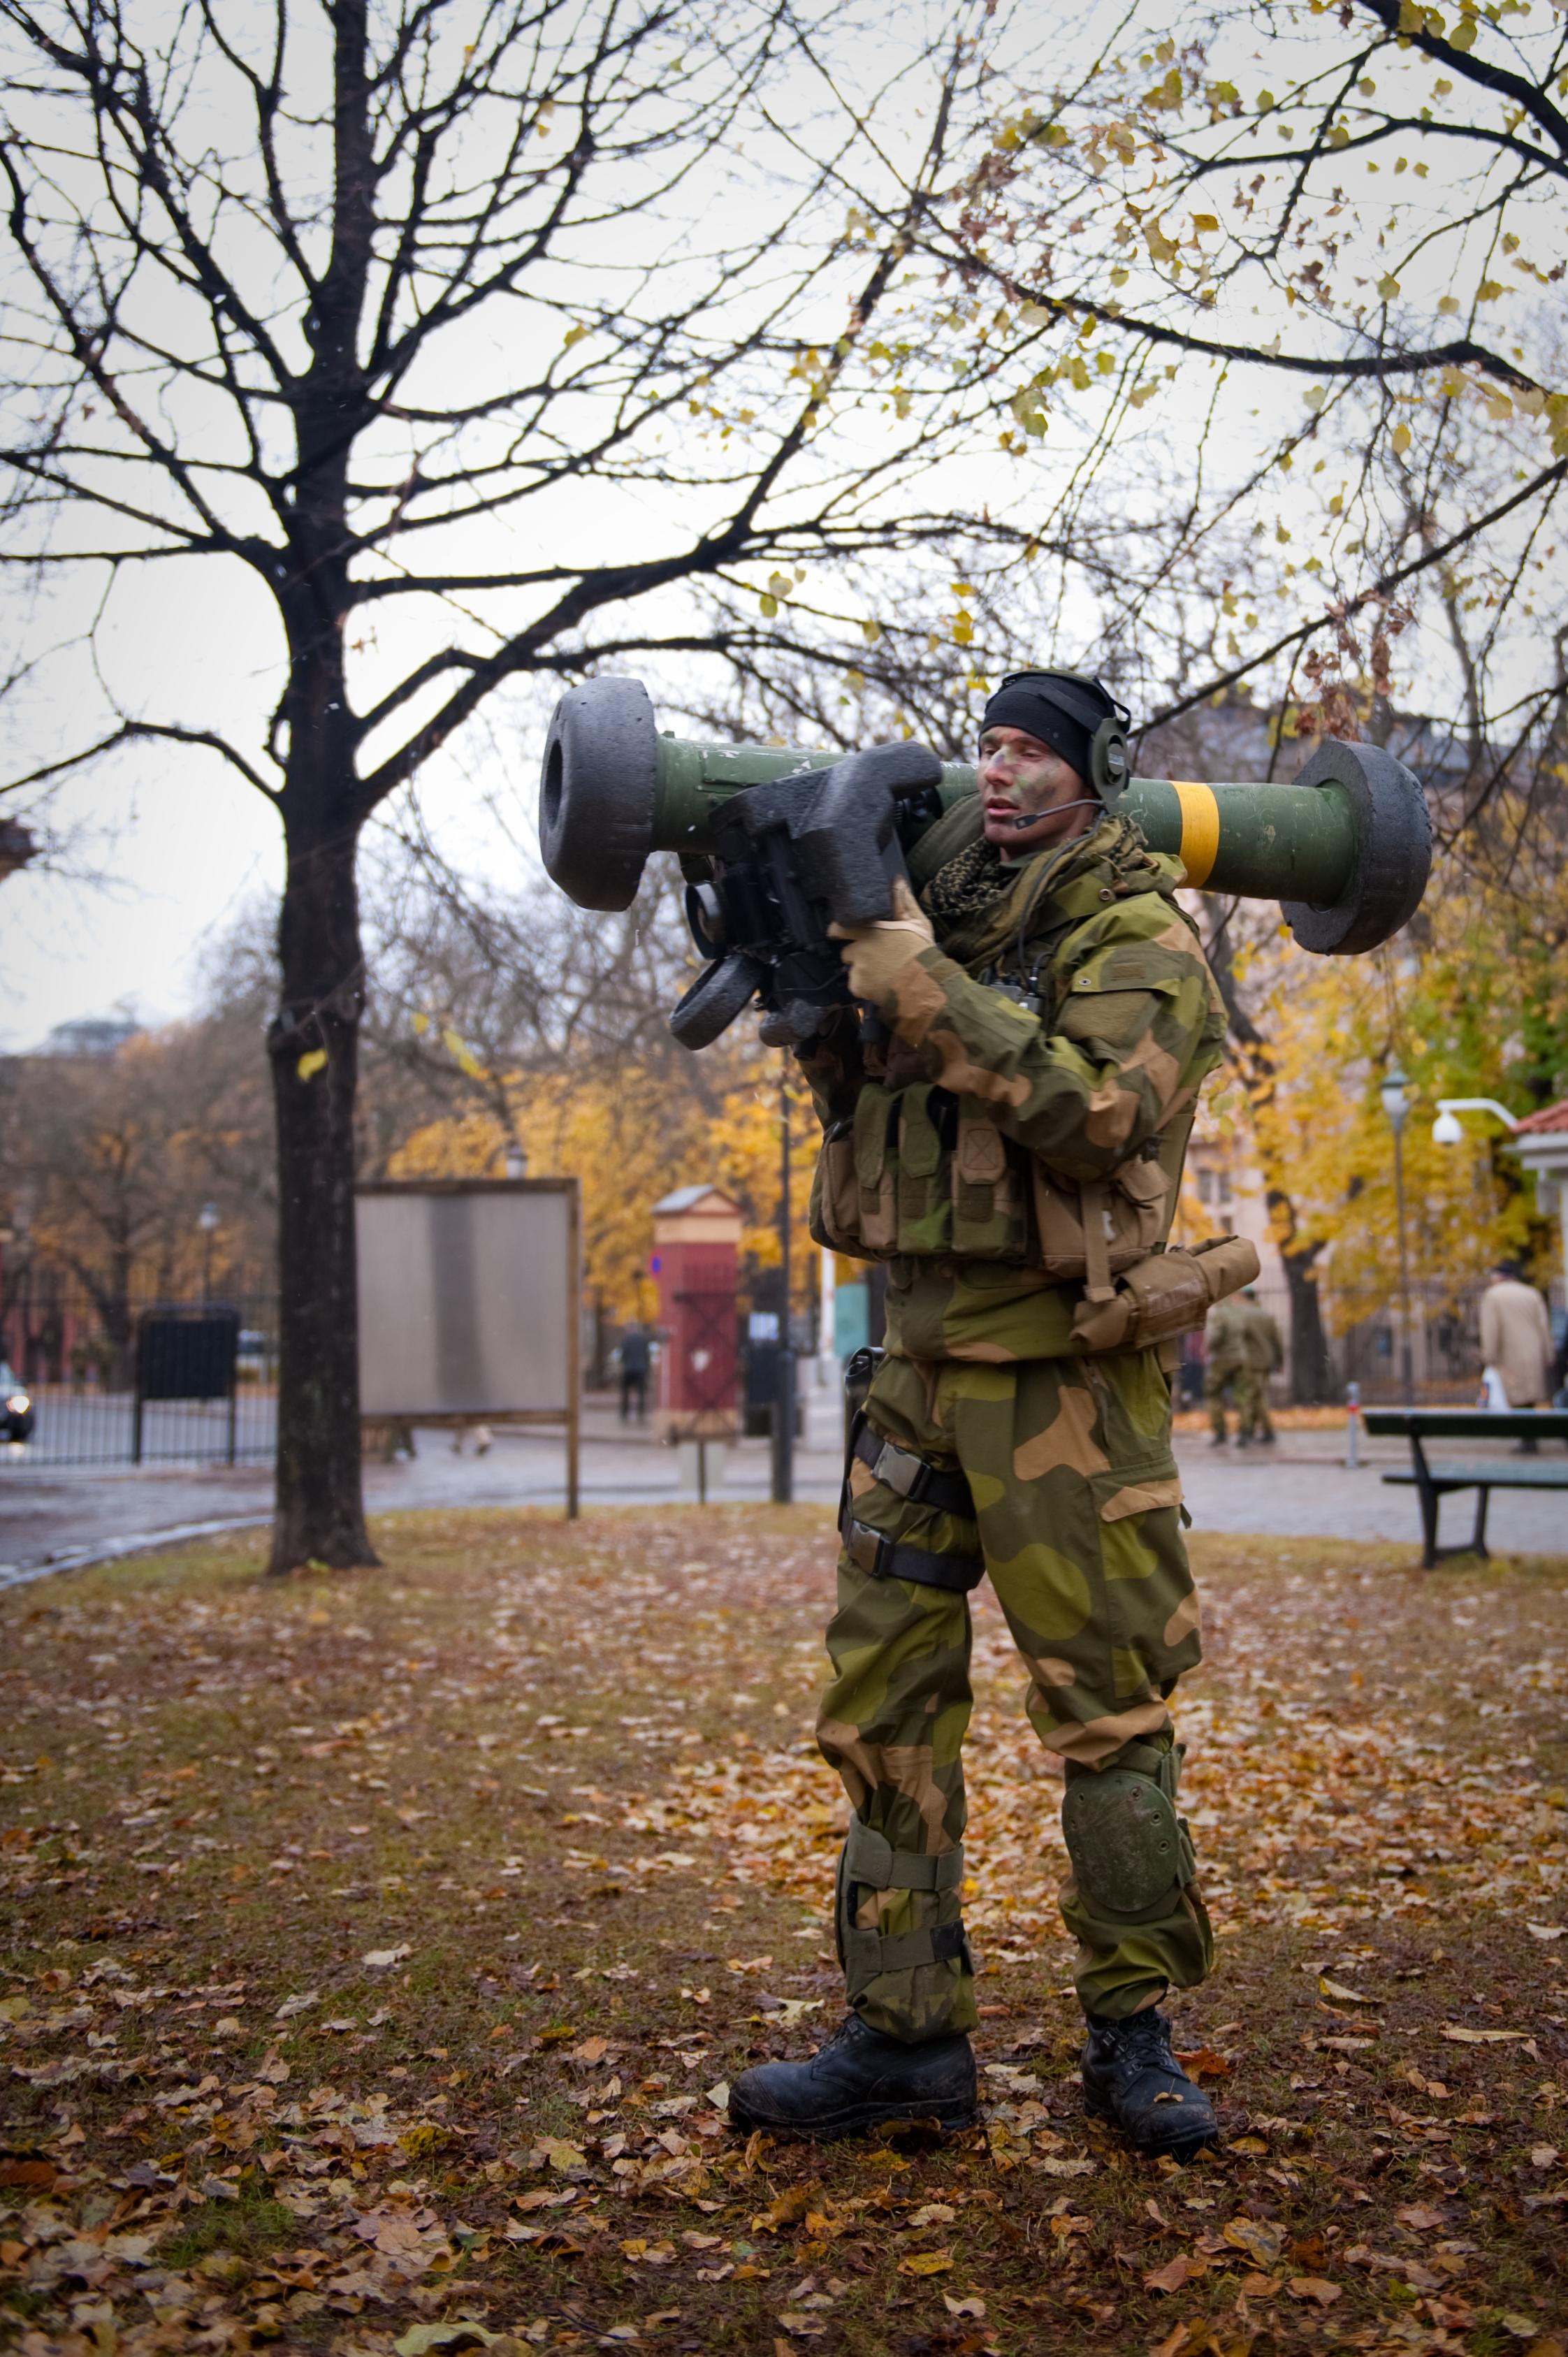 http://upload.wikimedia.org/wikipedia/commons/8/83/Norwegian_javelin.jpg